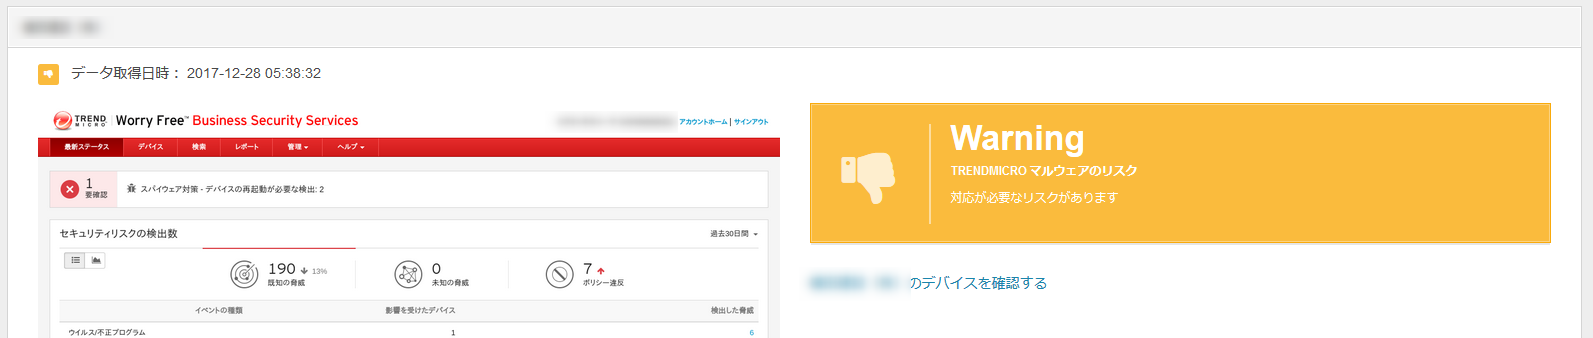 オクトパス画面 ウィルス対策ソフトNG イー・レンジャー株式会社